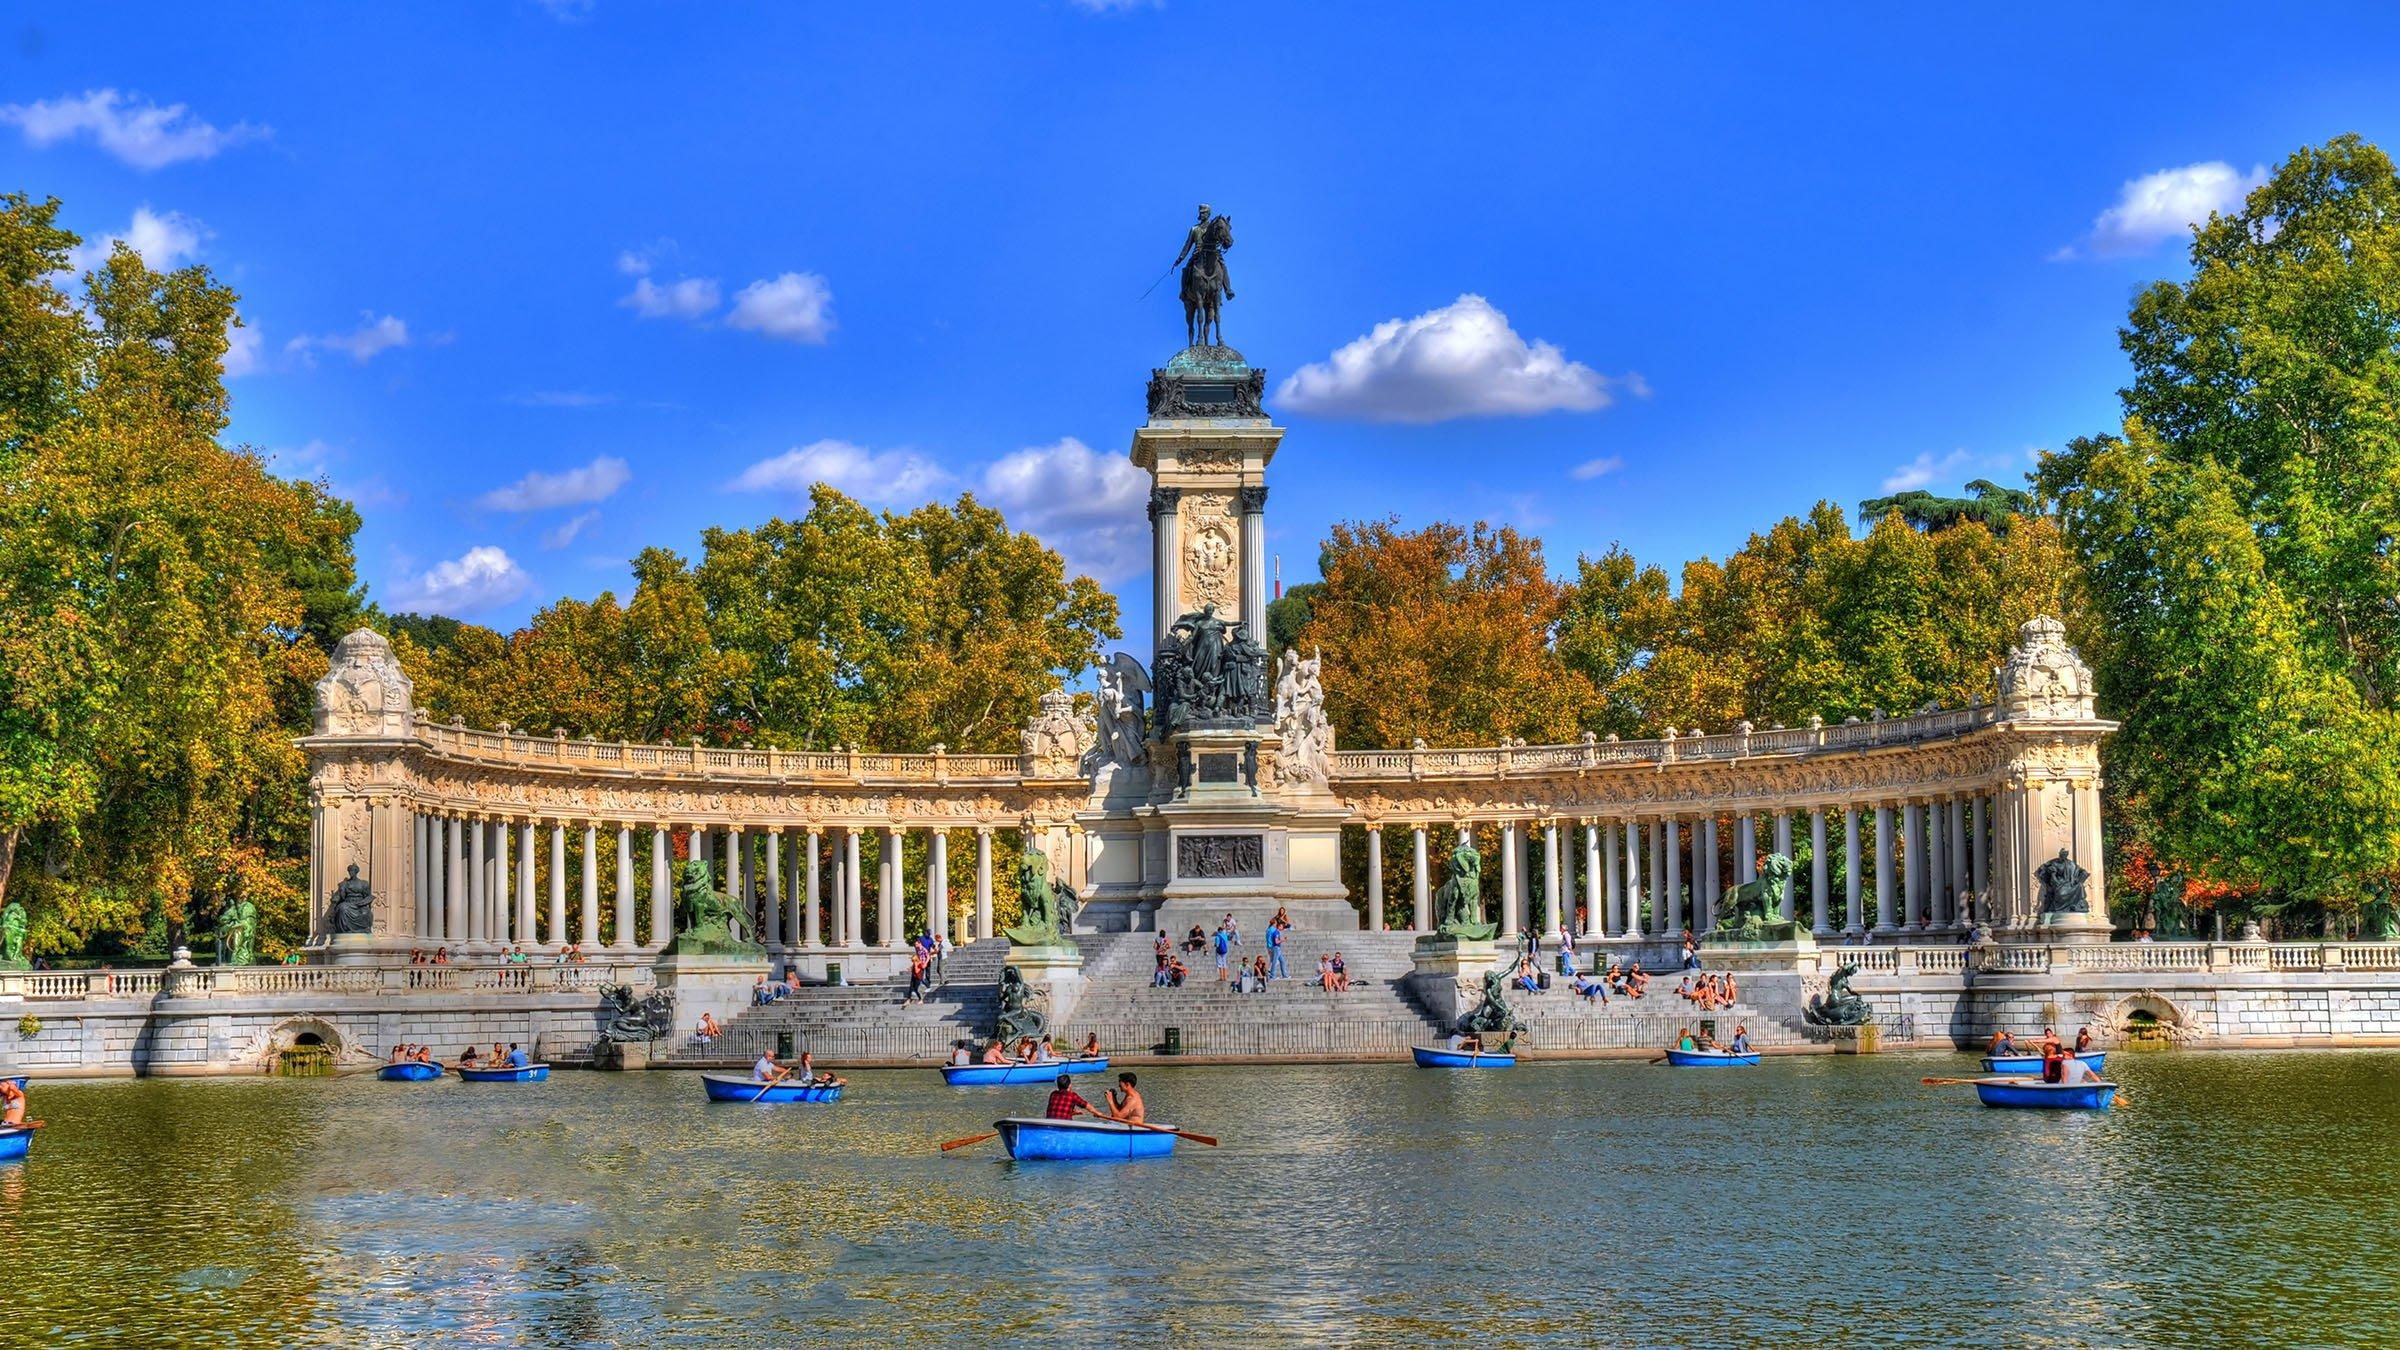 Monumento a alfonso xii parque del retiro for Parques de madrid espana